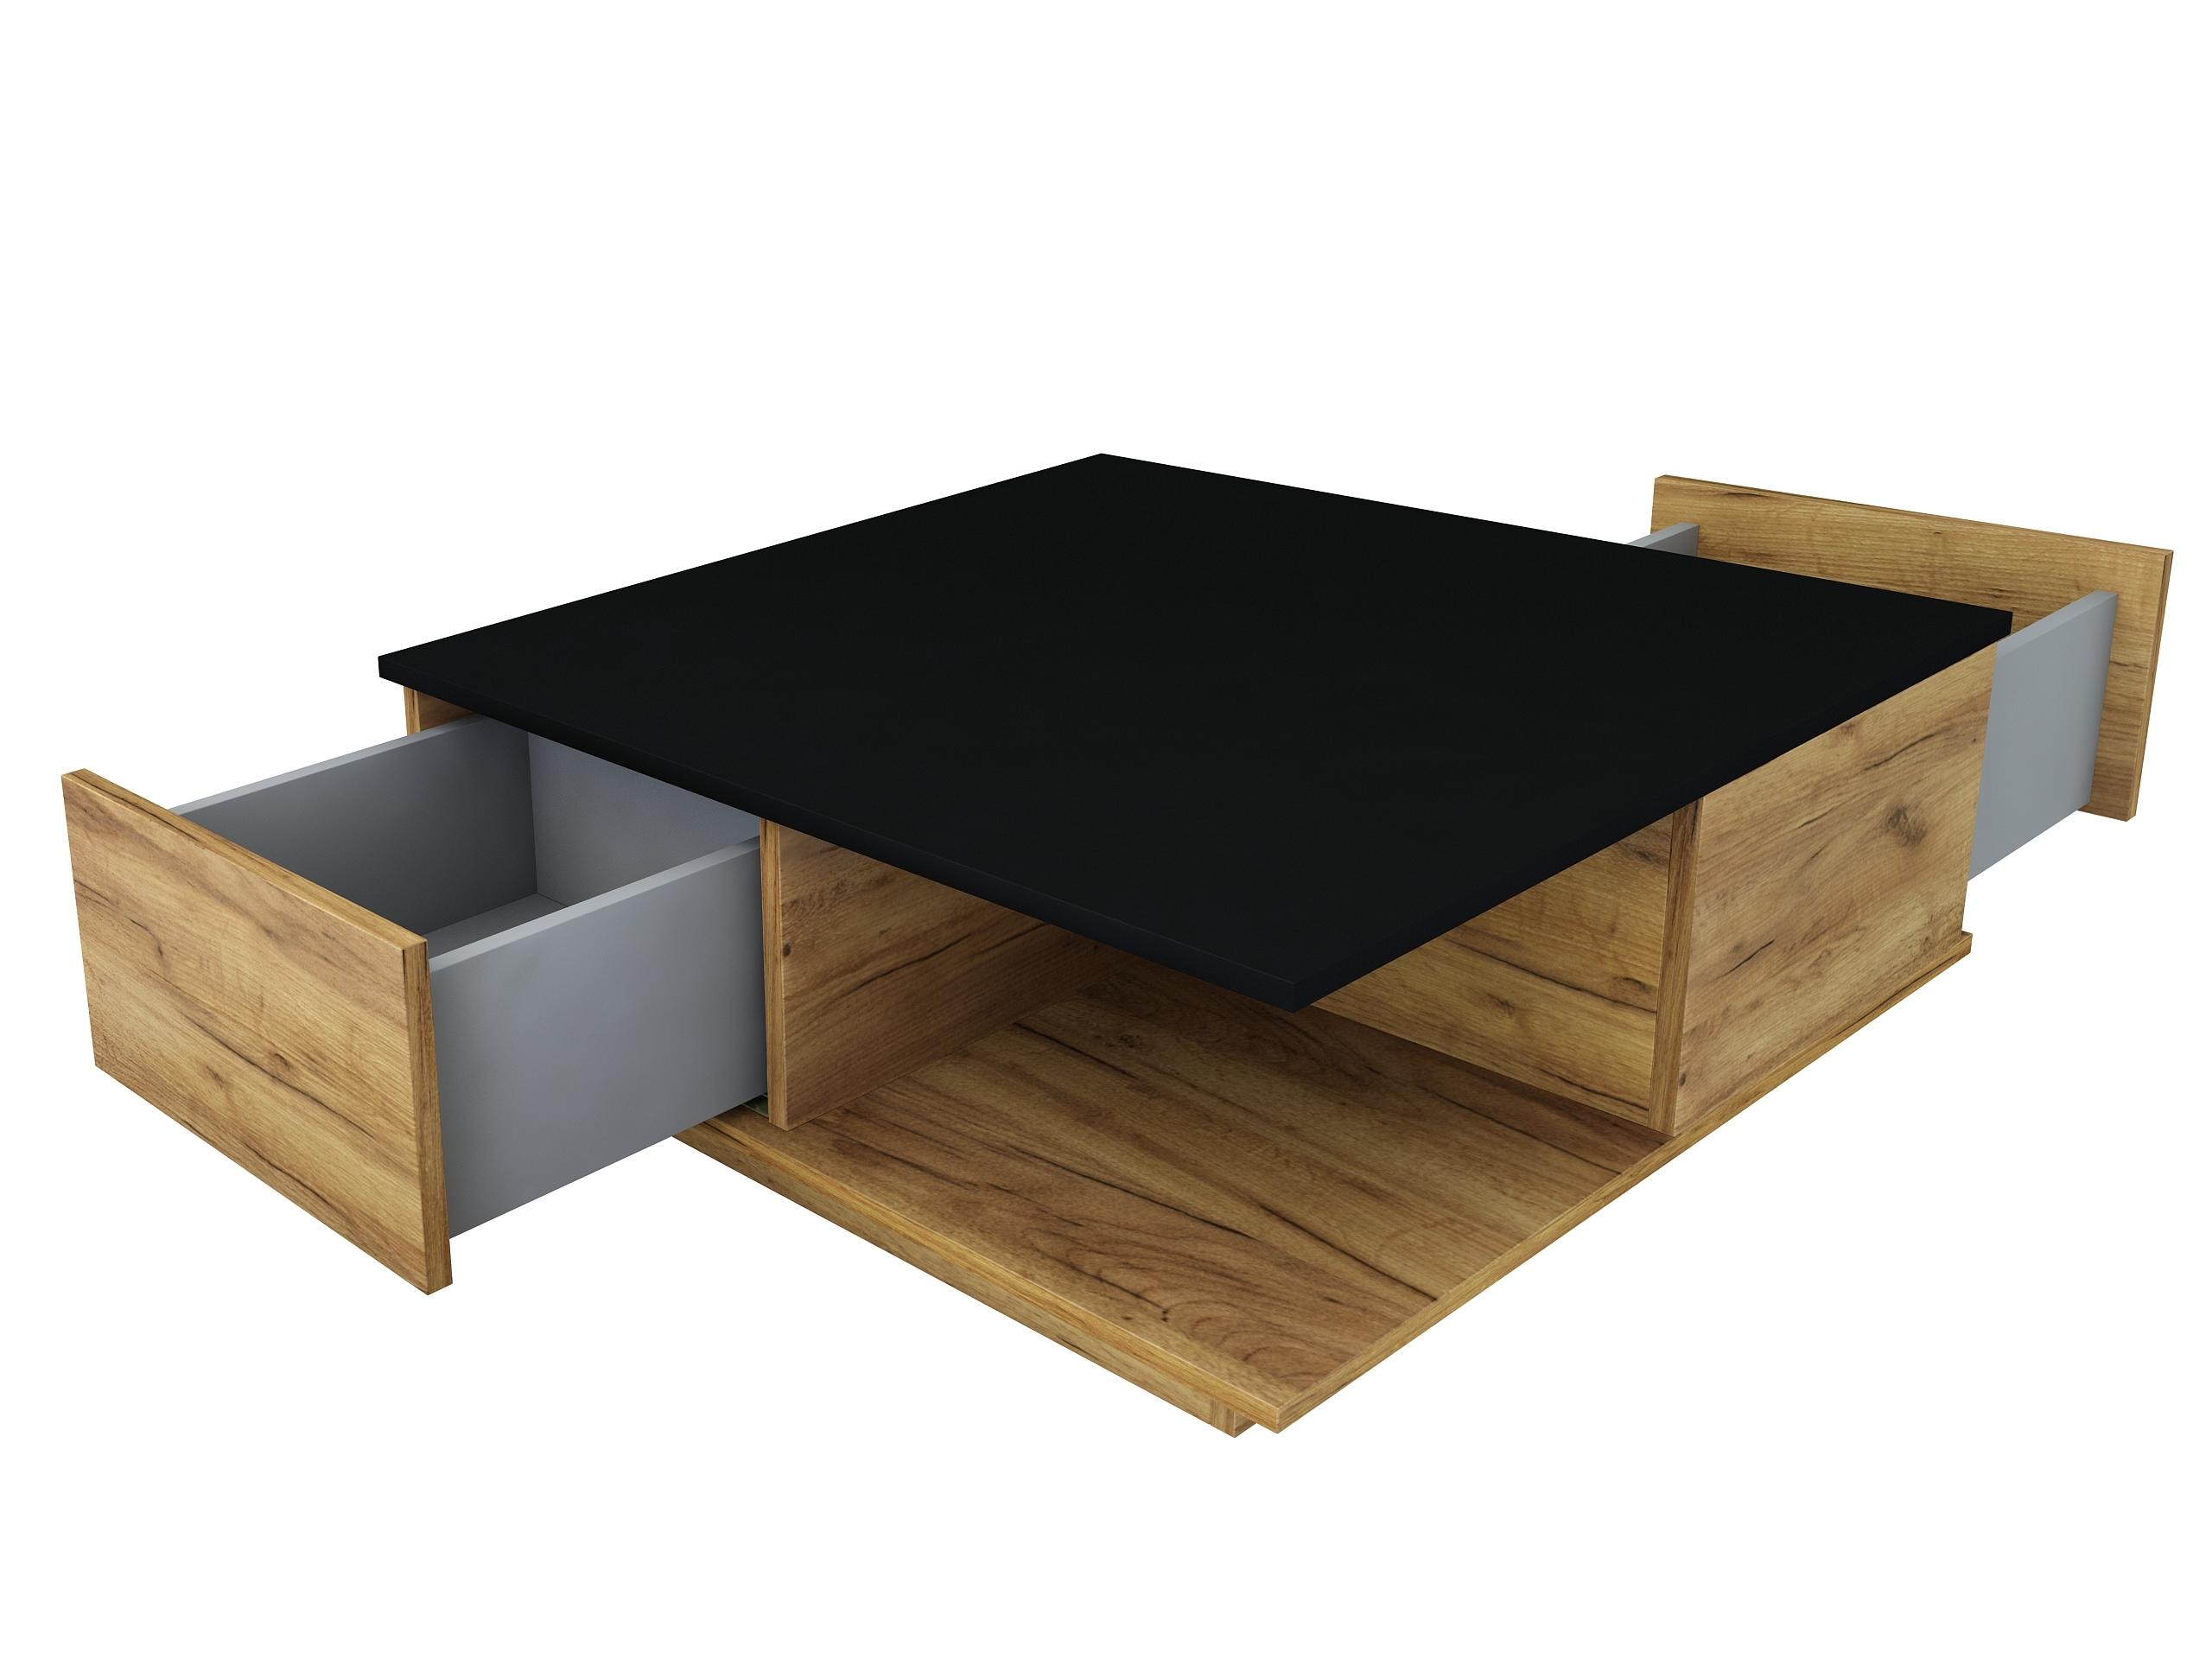 dąb złoty, dąb craft złoty, czarny mat, matowy stolik kawowy, stolik do salonu z szufladami, ława do biura